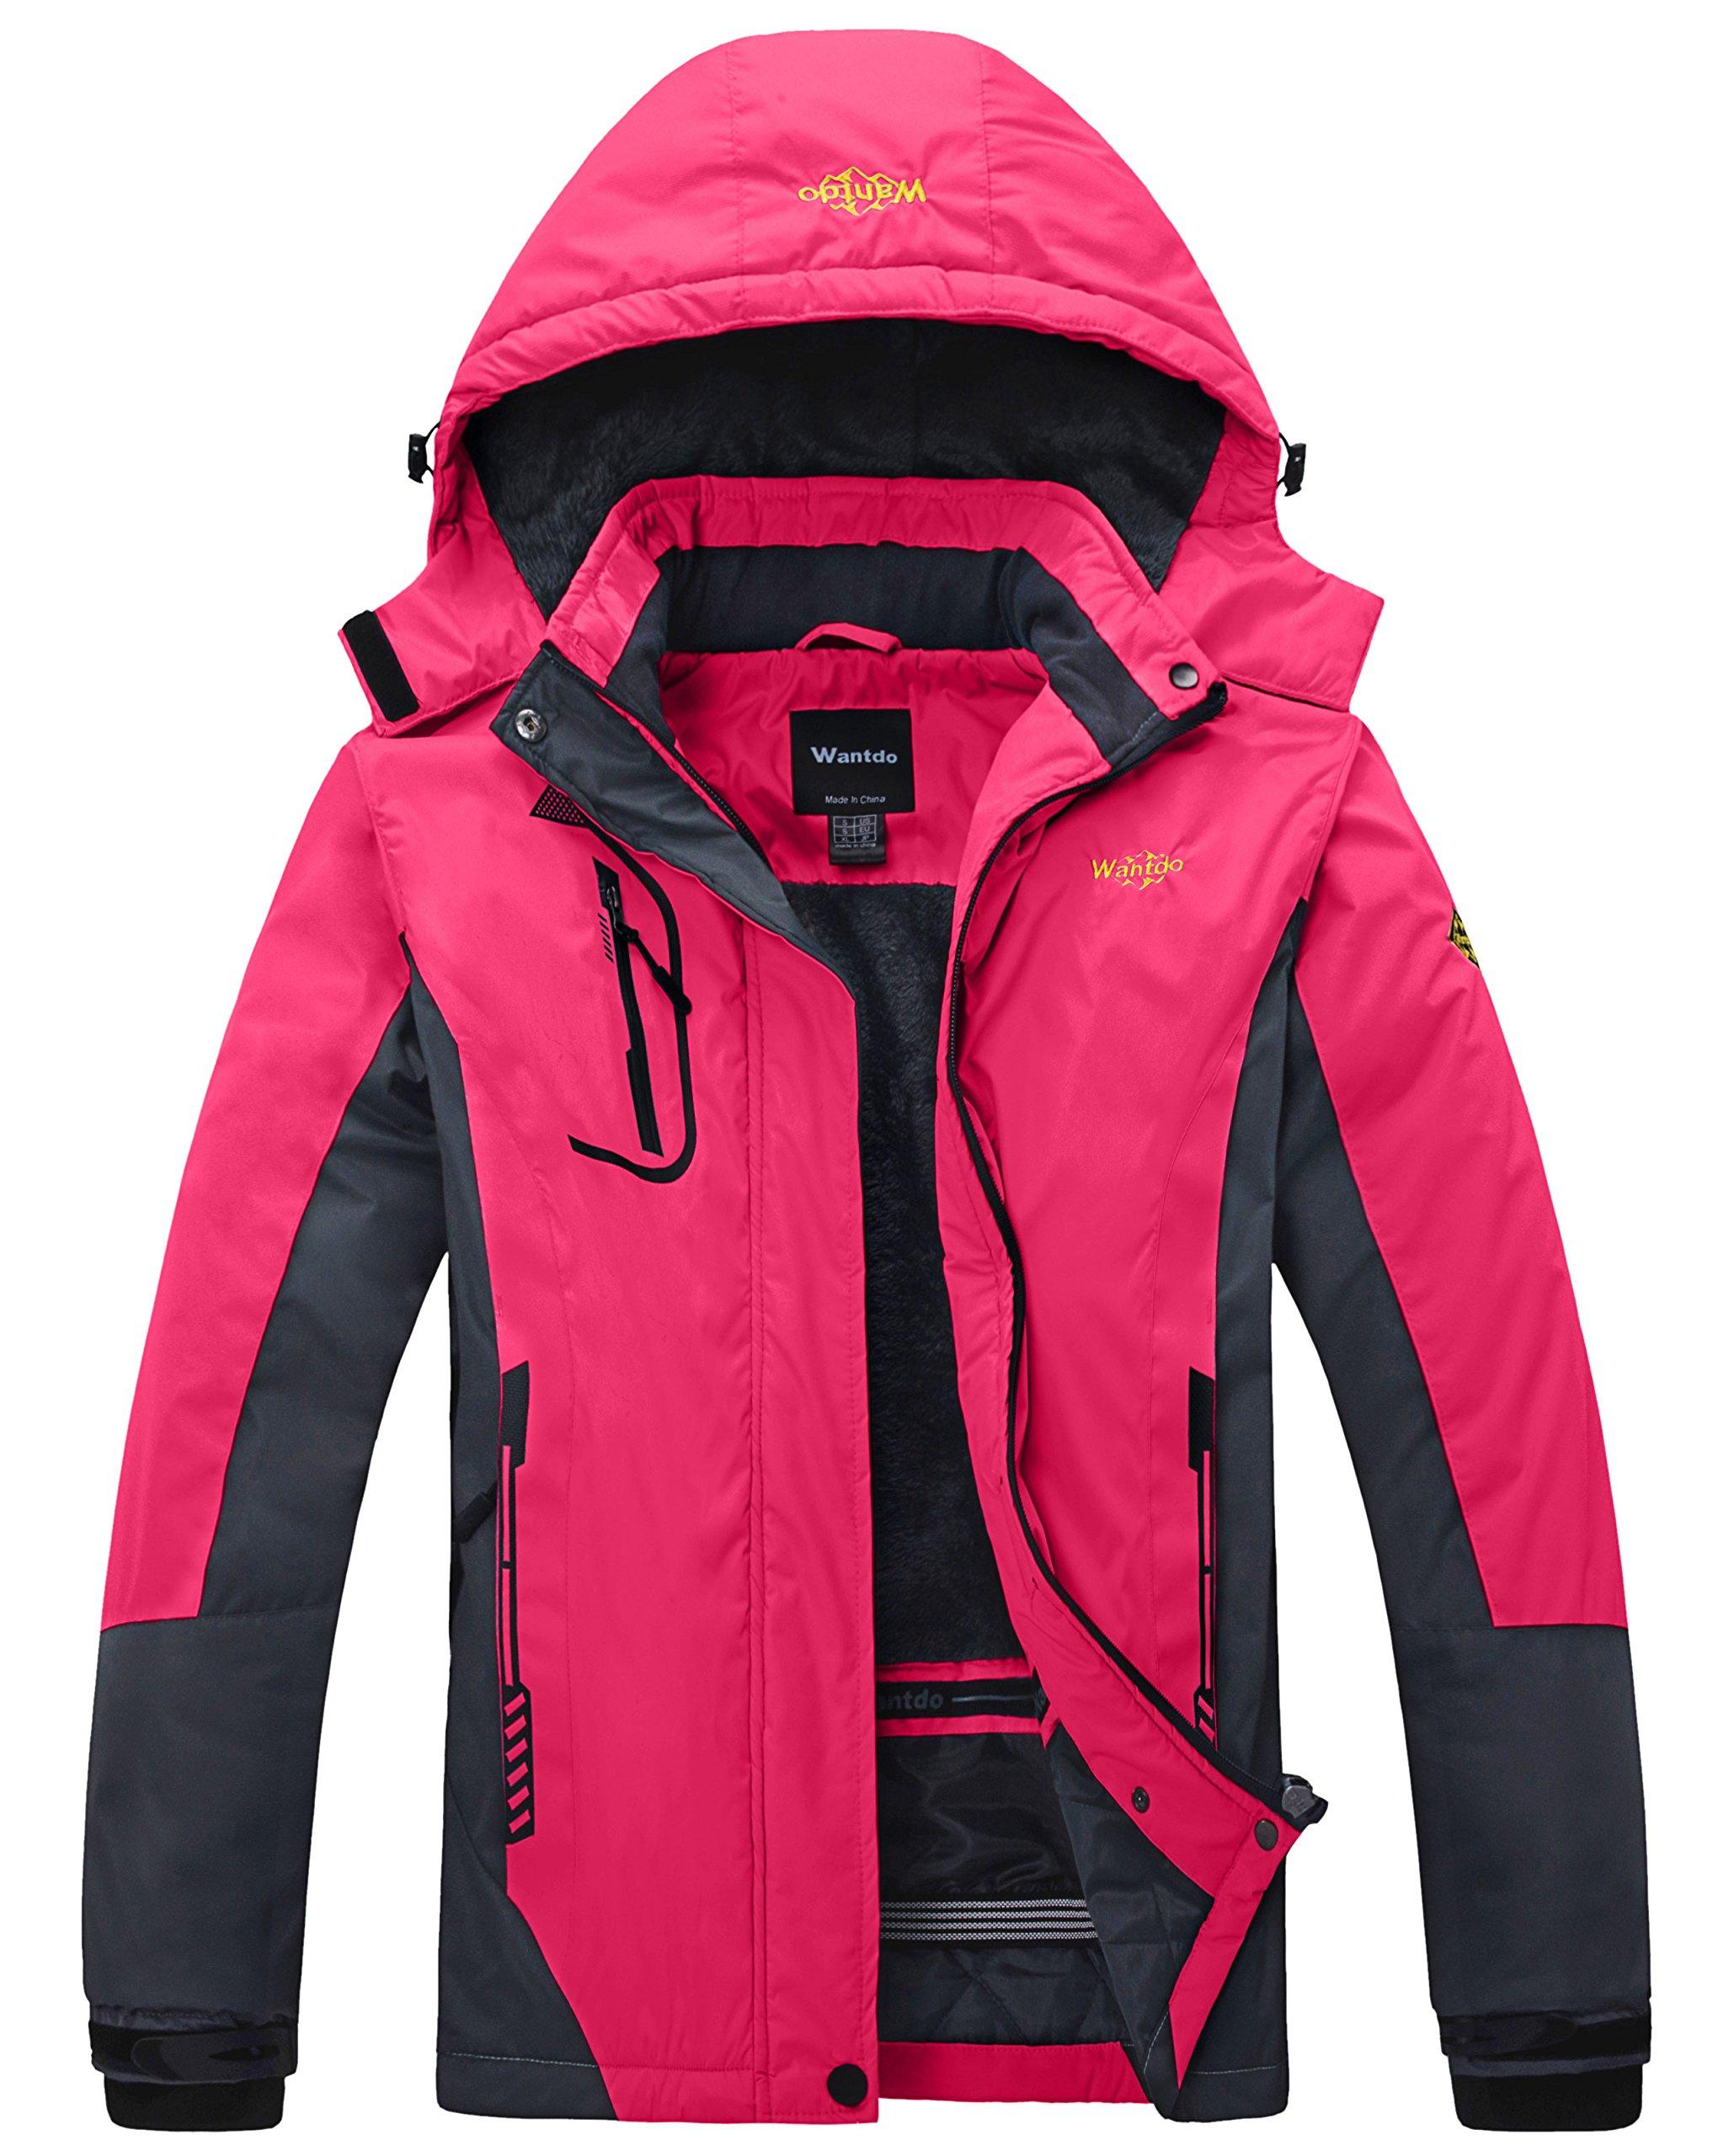 Wantdo Women's Waterproof Mountain Jacket Fleece Ski Jacket US S  Rose Red Small